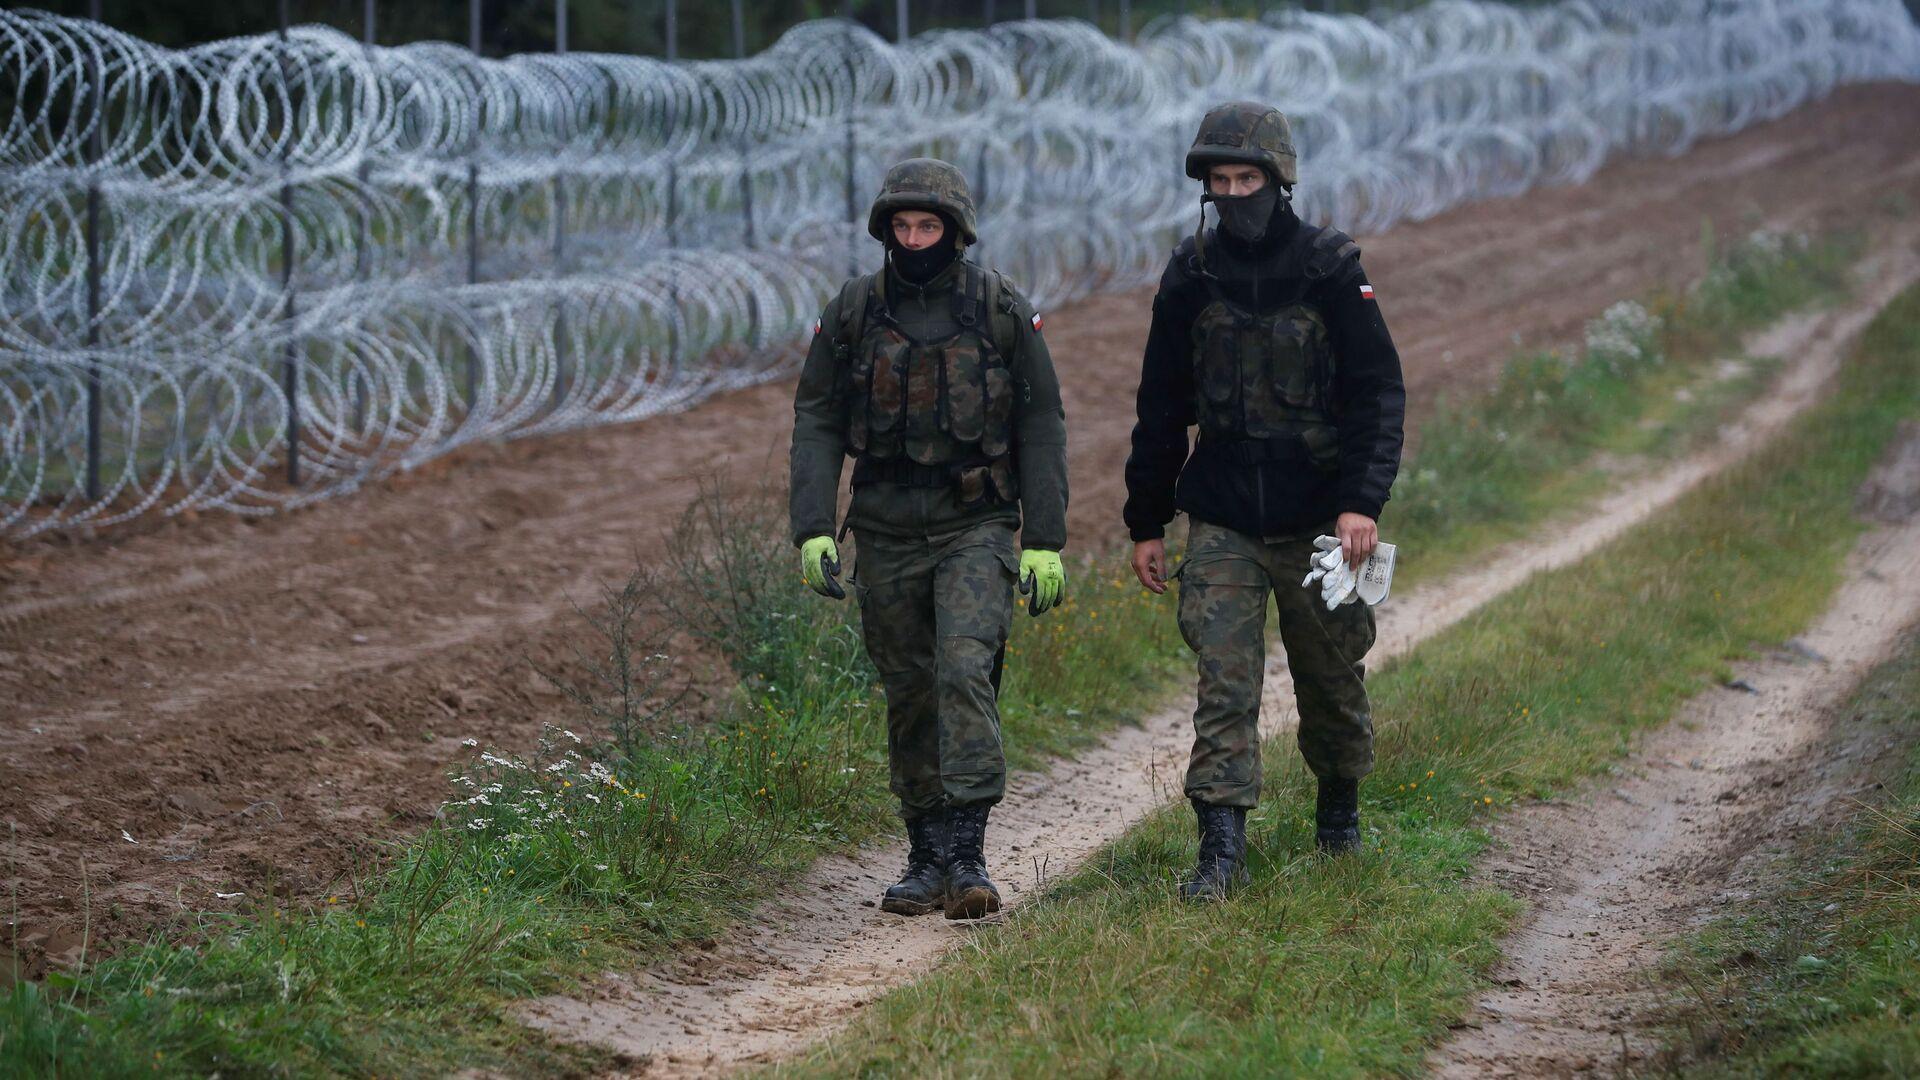 Pohraniční stráž na polsko-běloruské hranici - Sputnik Česká republika, 1920, 20.09.2021